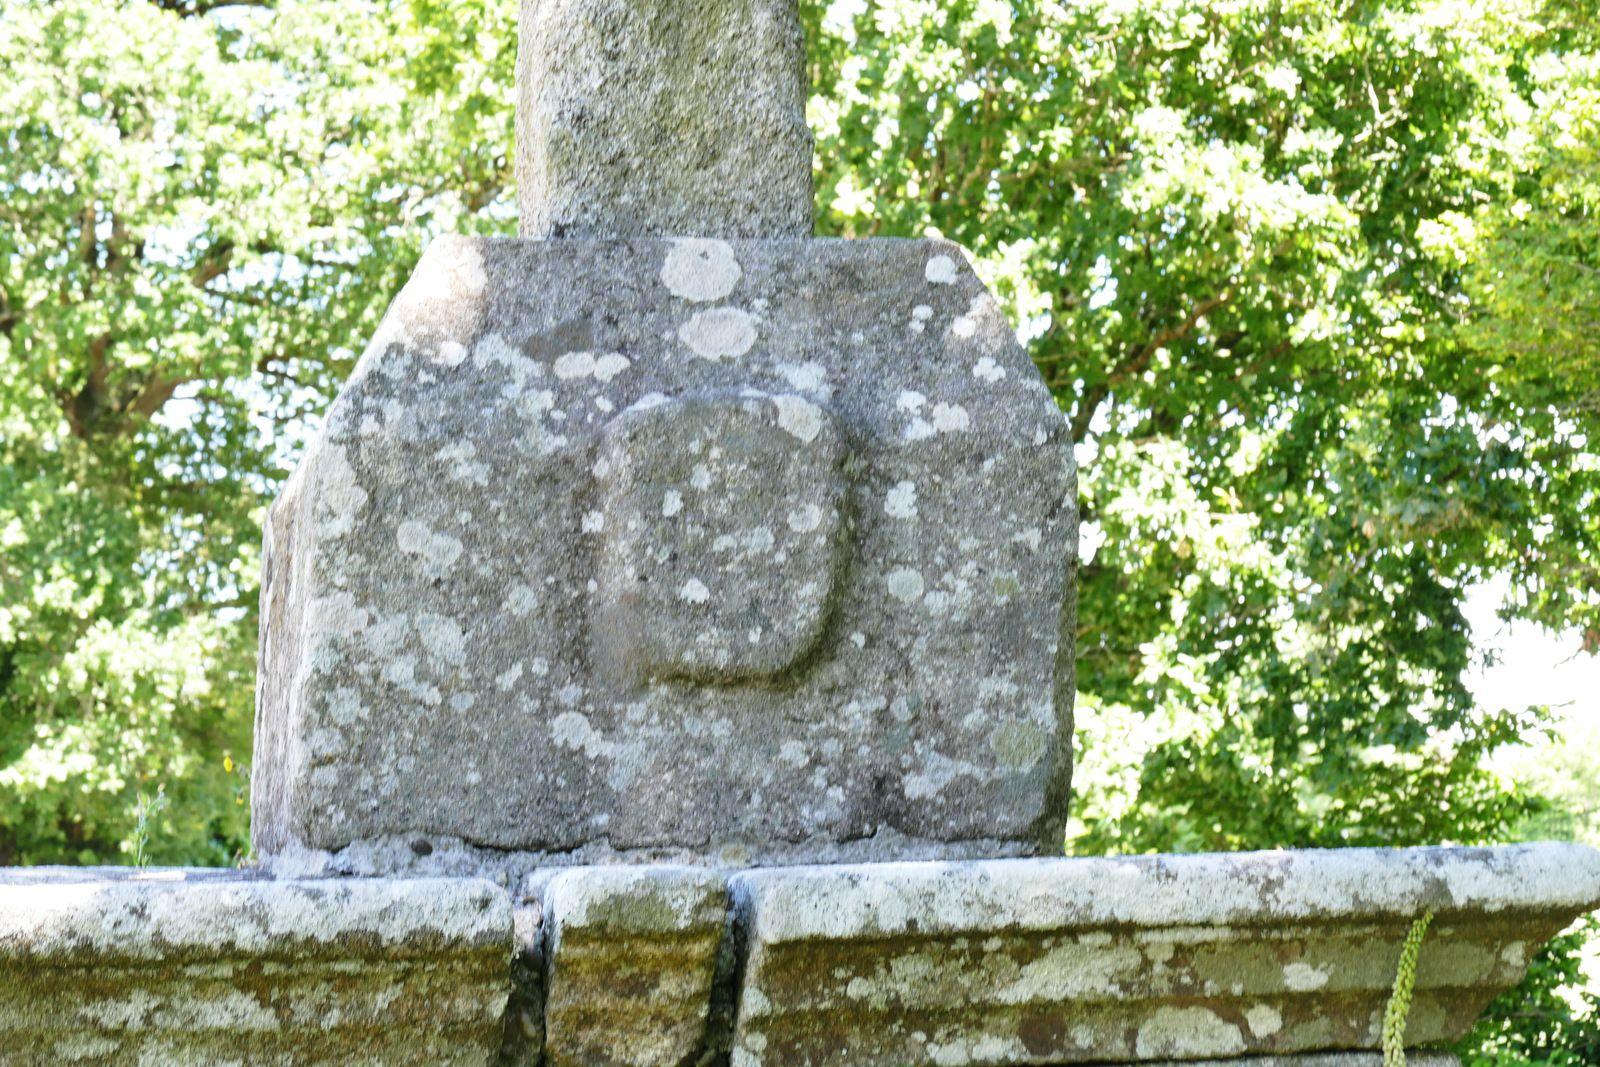 Calvaire, (kersanton, XVIe siècle), de la chapelle de La Magdeleine , Briec-sur-Odet. Photographie lavieb-aile juin 2021.